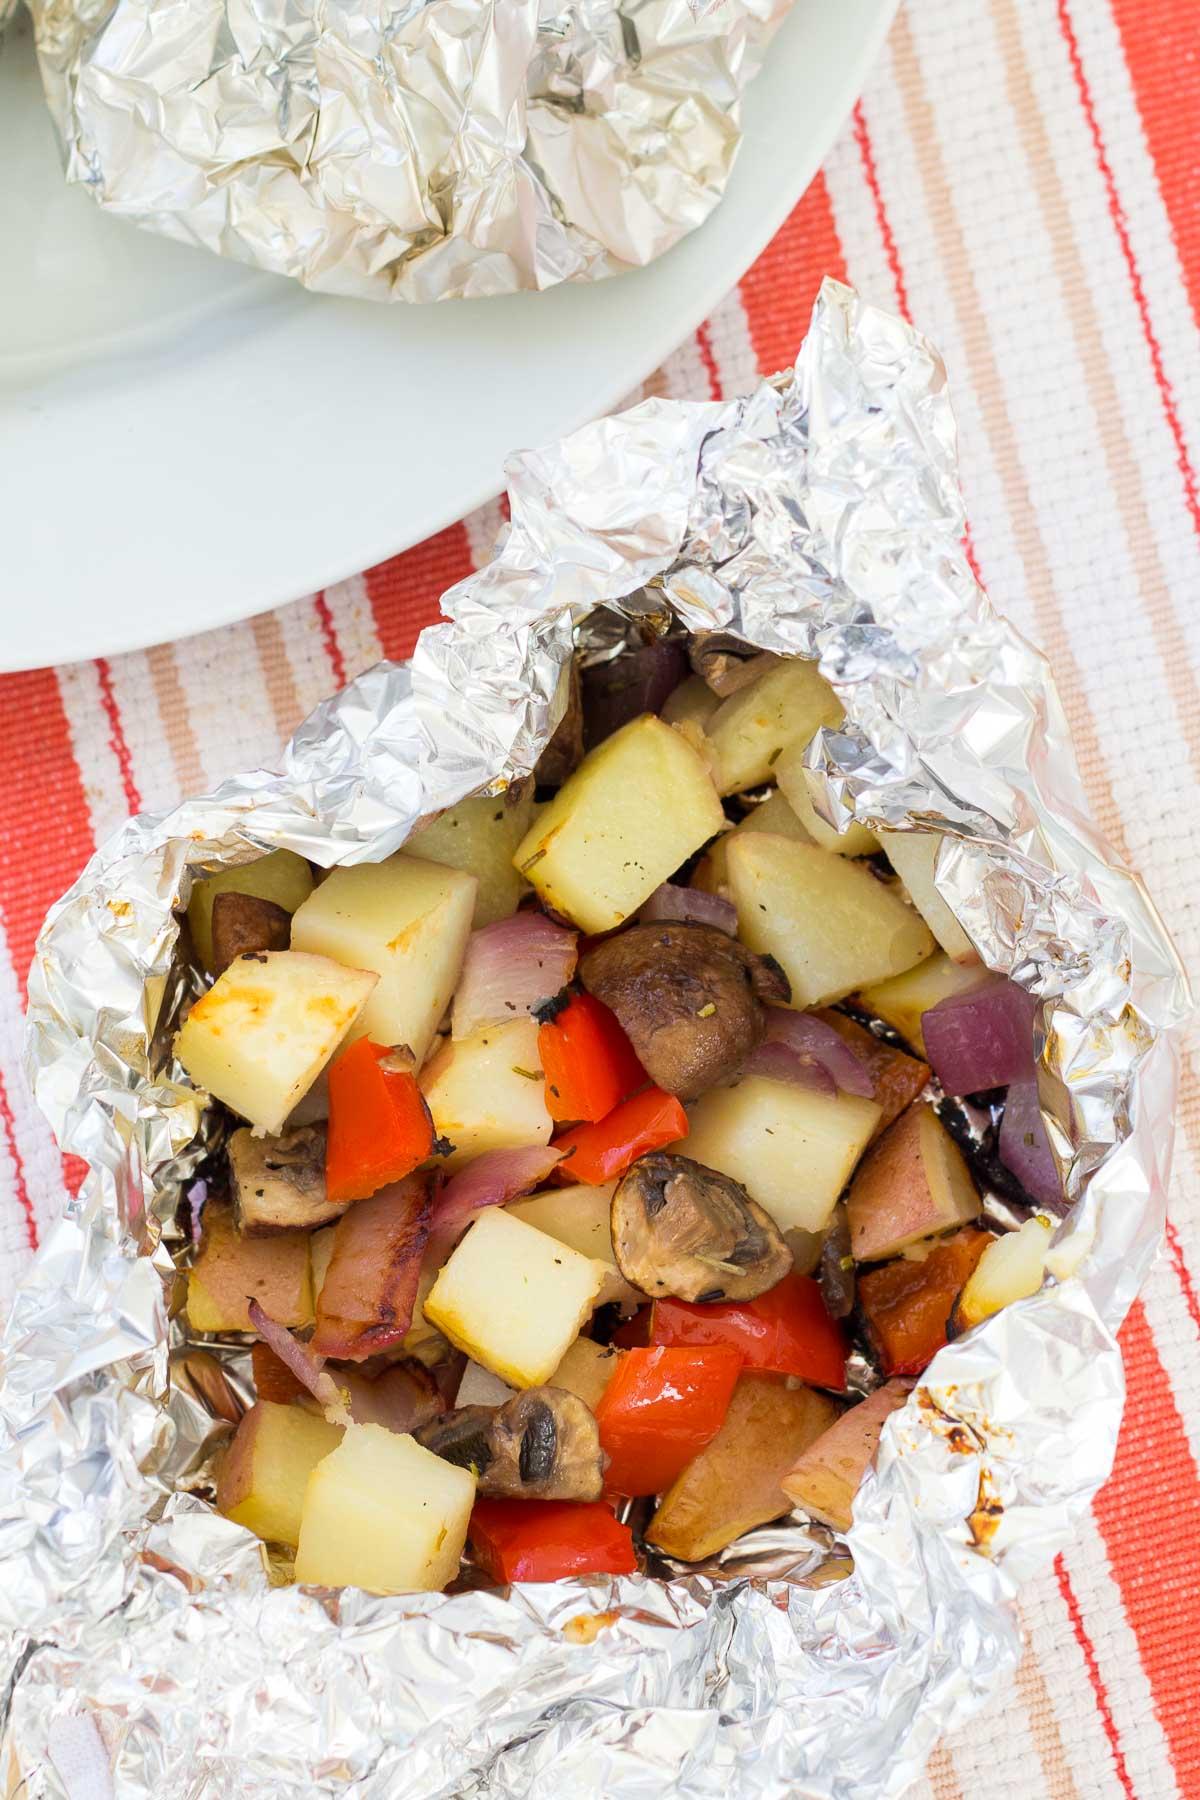 Grilled vegetables in foil packet.